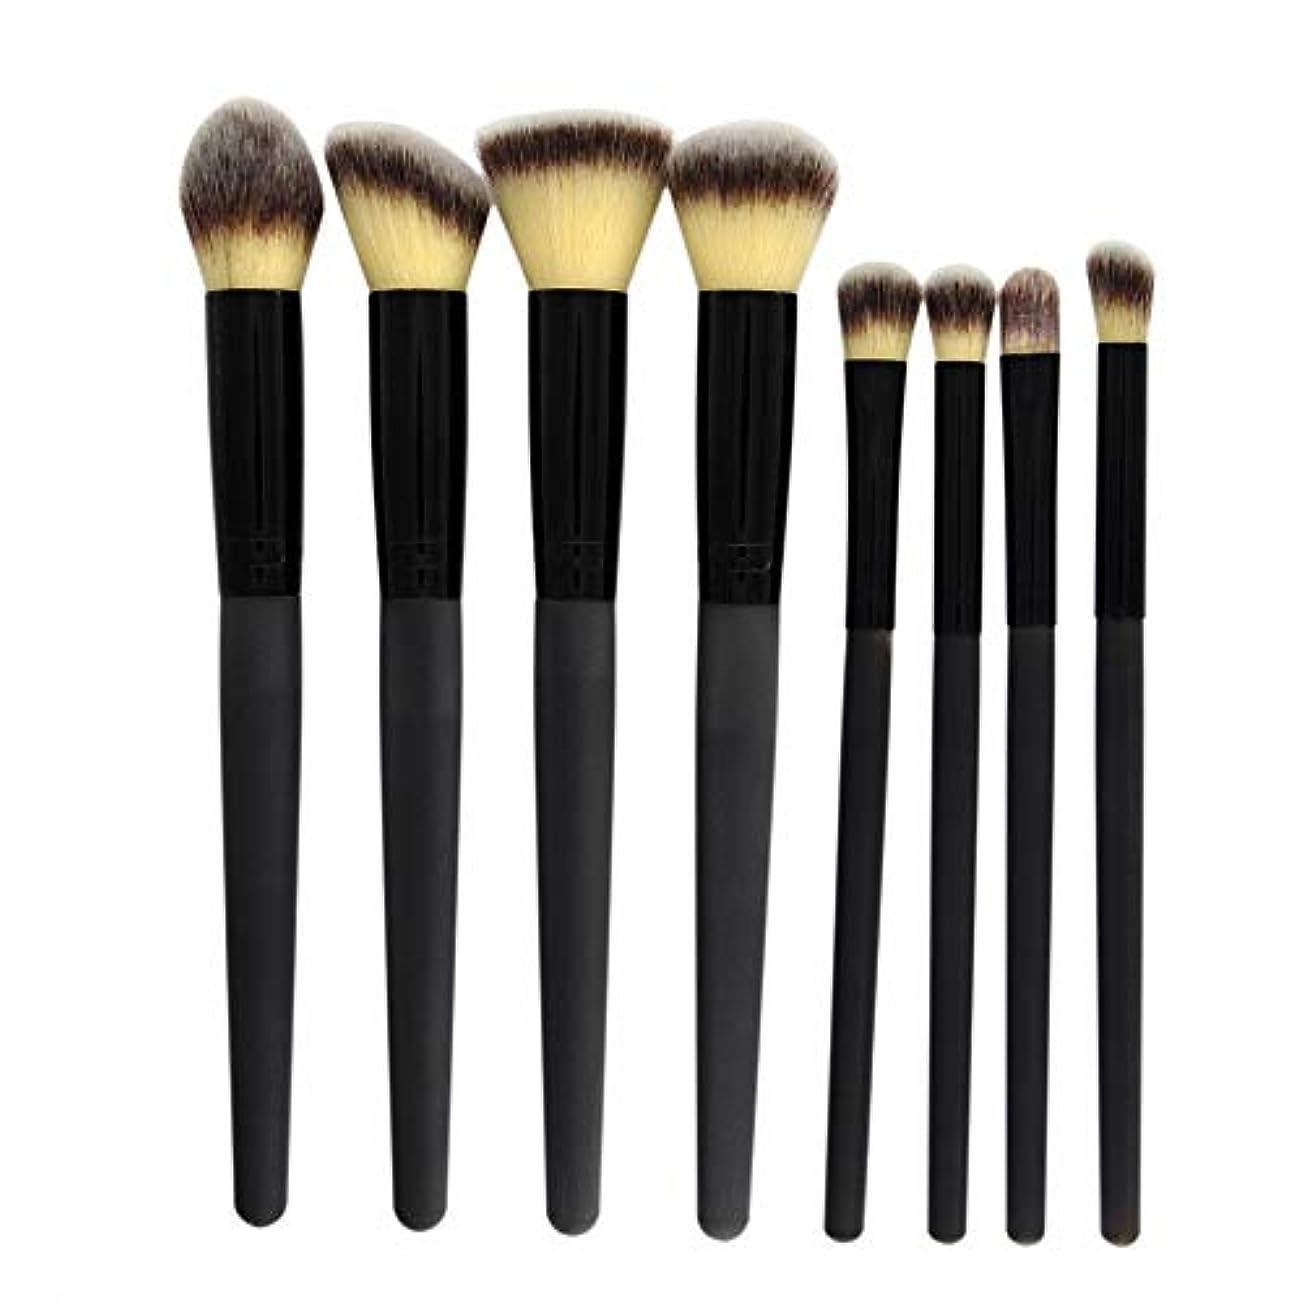 神ノベルティあなたは多機能 化粧ブラシセット 8本セット メイクブラシセット 人気 化粧筆 化粧ブラシ パウダーファンデーション アイシャドーブラシ 化粧品美容ツール (Color : ブラック, Size : S)